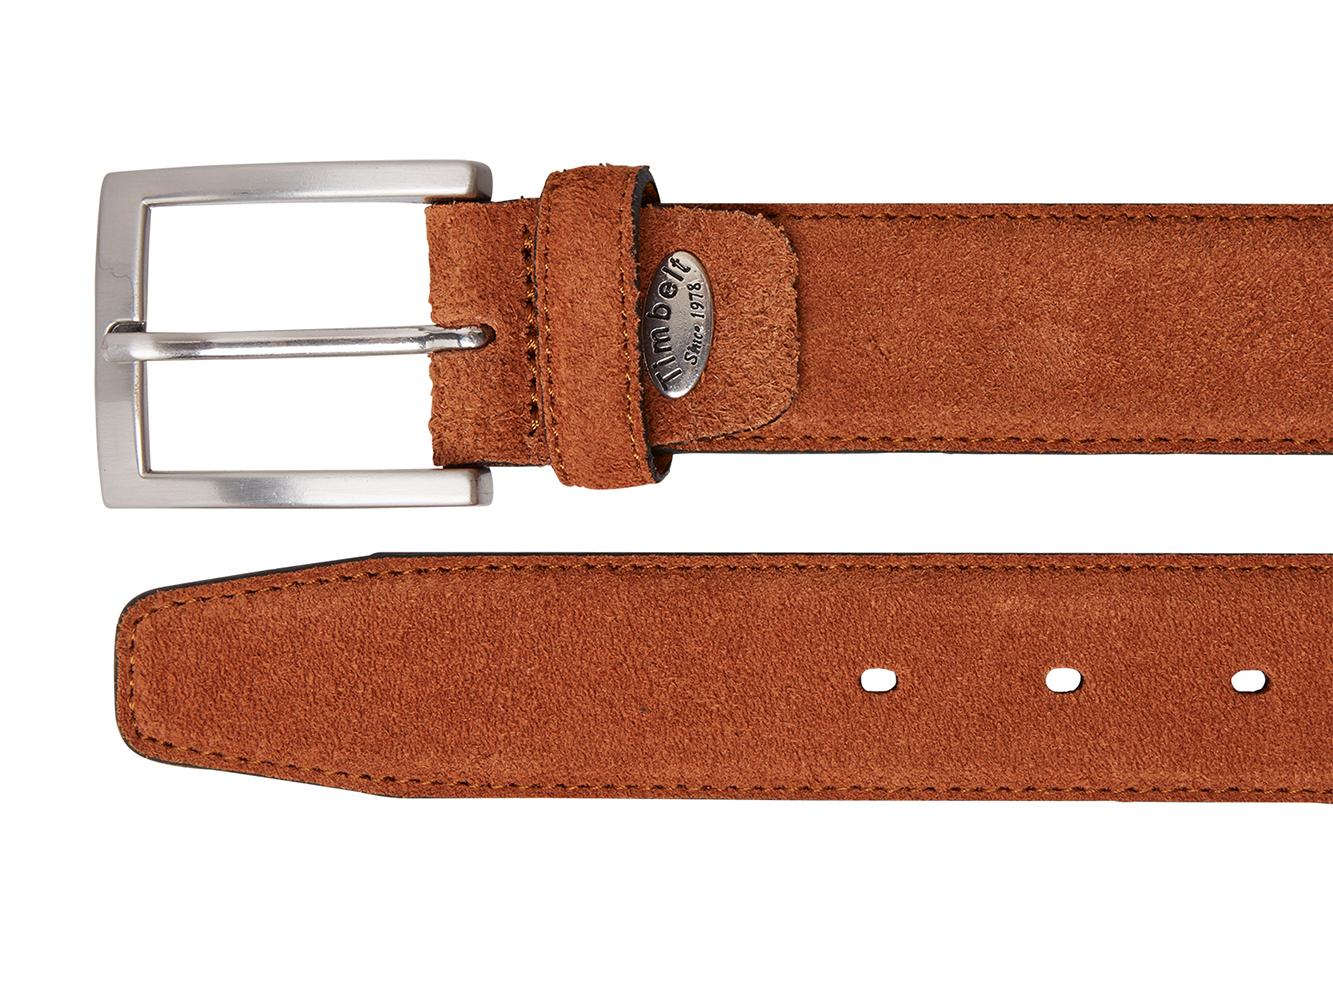 Timbelt 508 Heren Suède Leren Pantalon Riem 105/3,5 cm Cognac